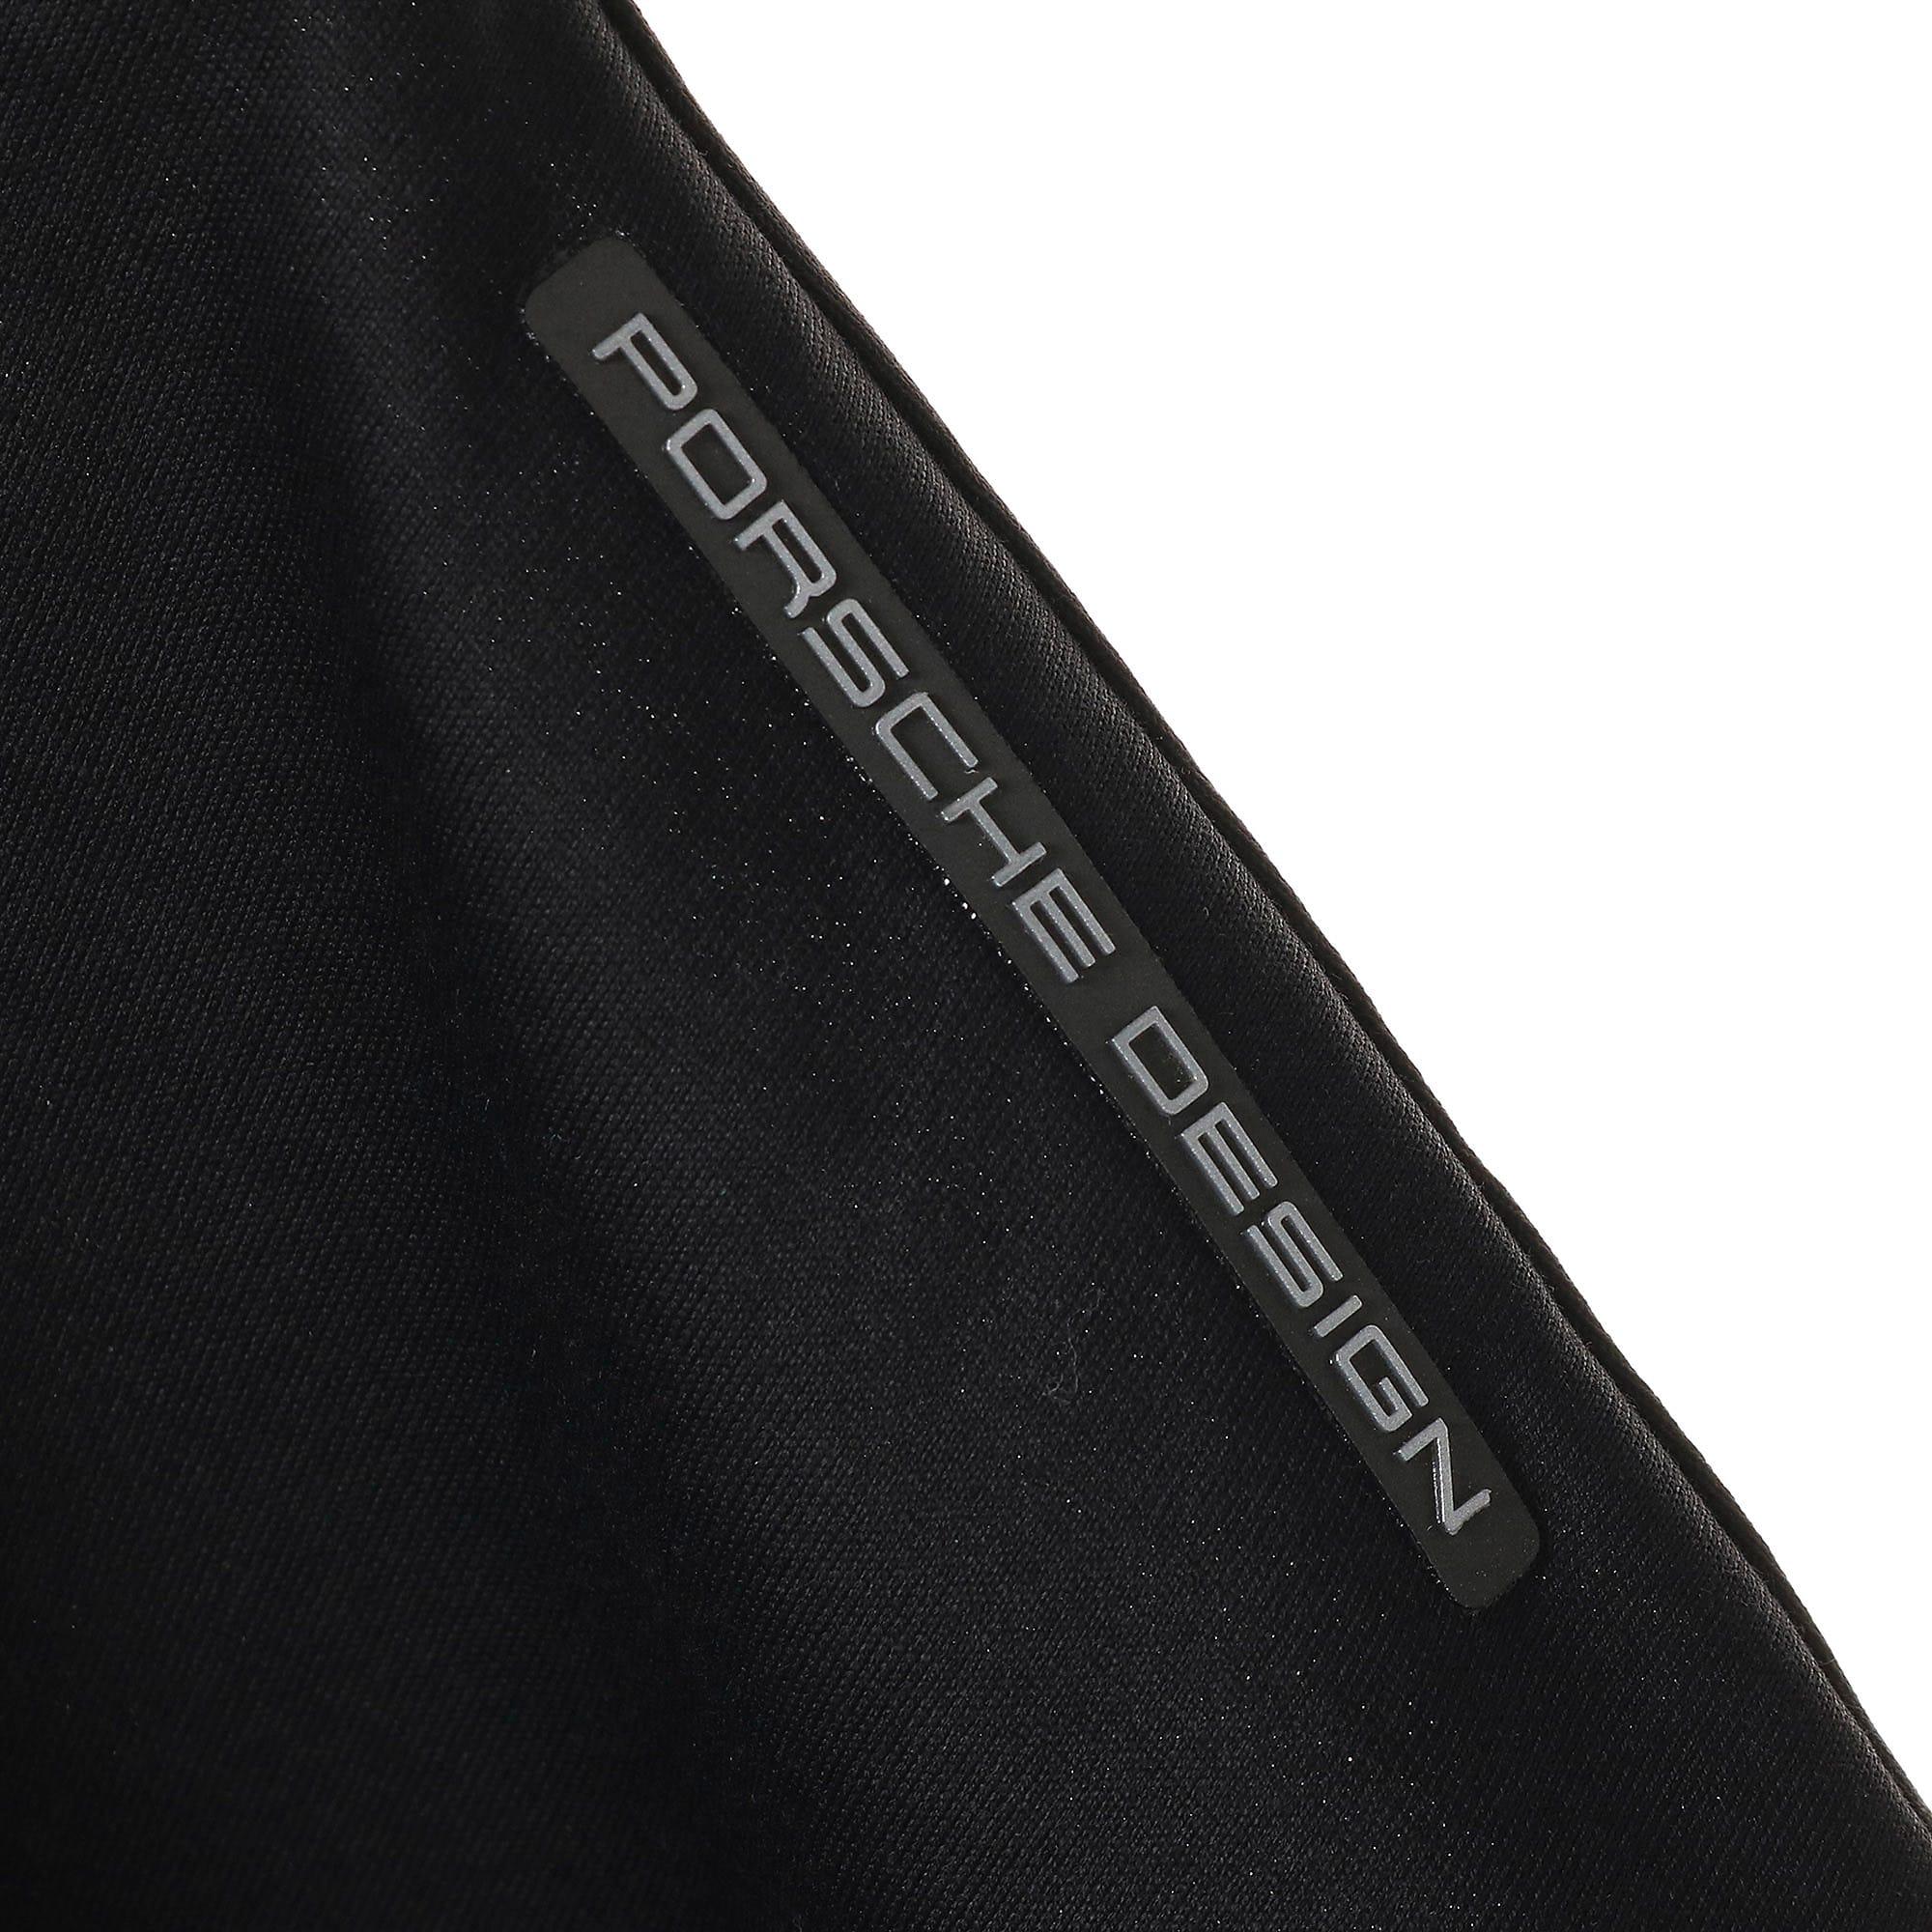 Thumbnail 7 of PORSCHE DESIGN  ライフ Tシャツ, Jet Black, medium-JPN